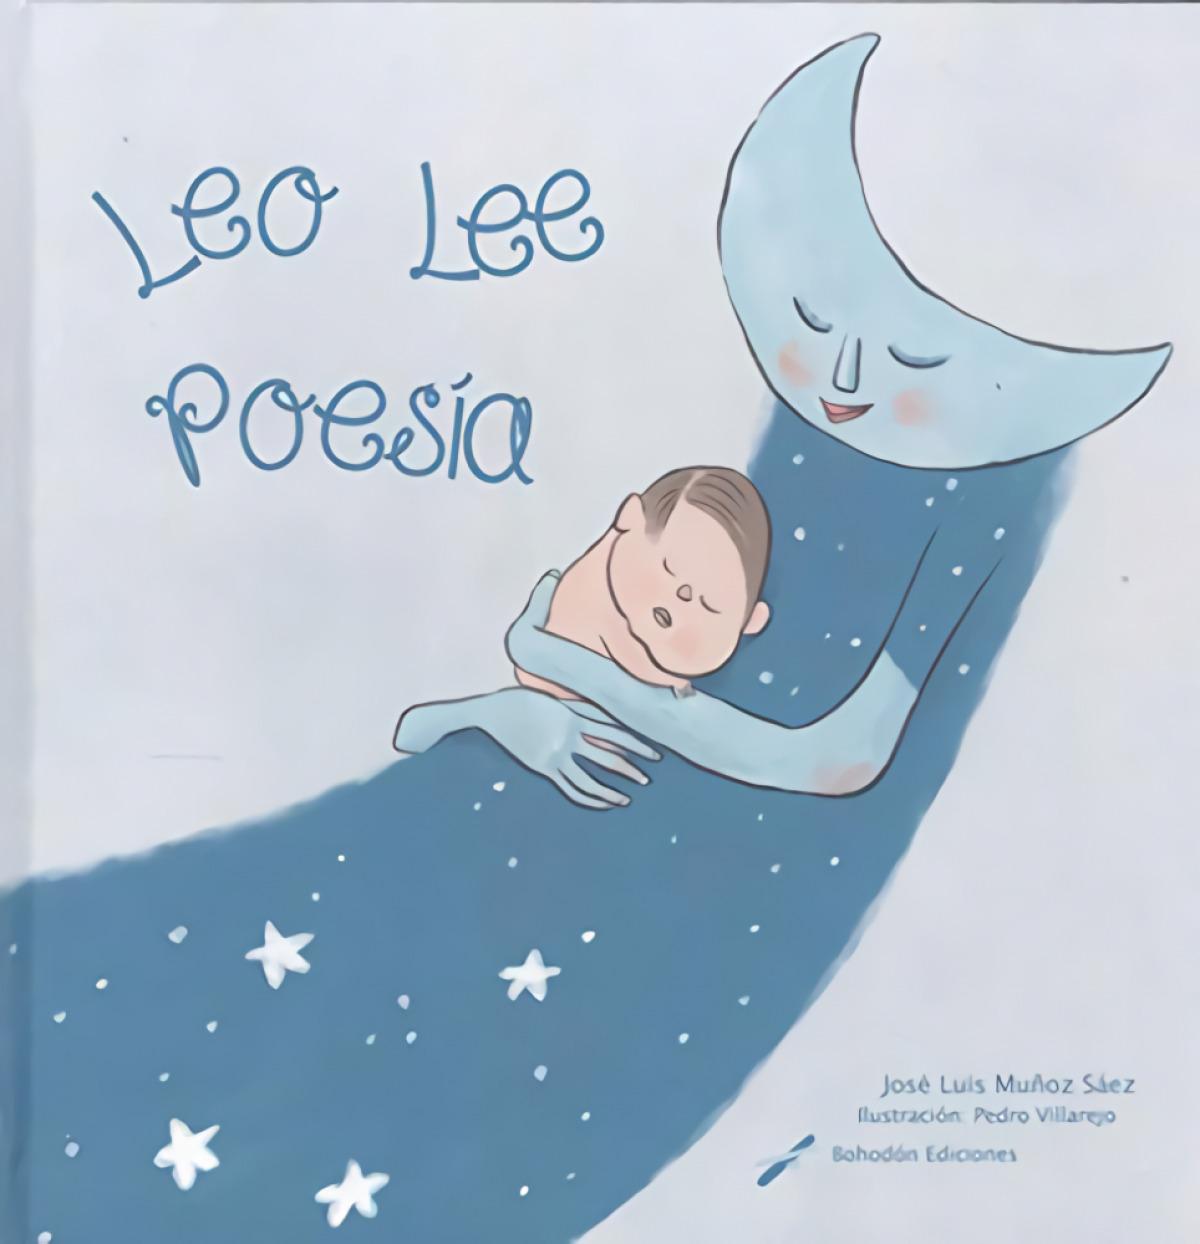 Leo lee poesía